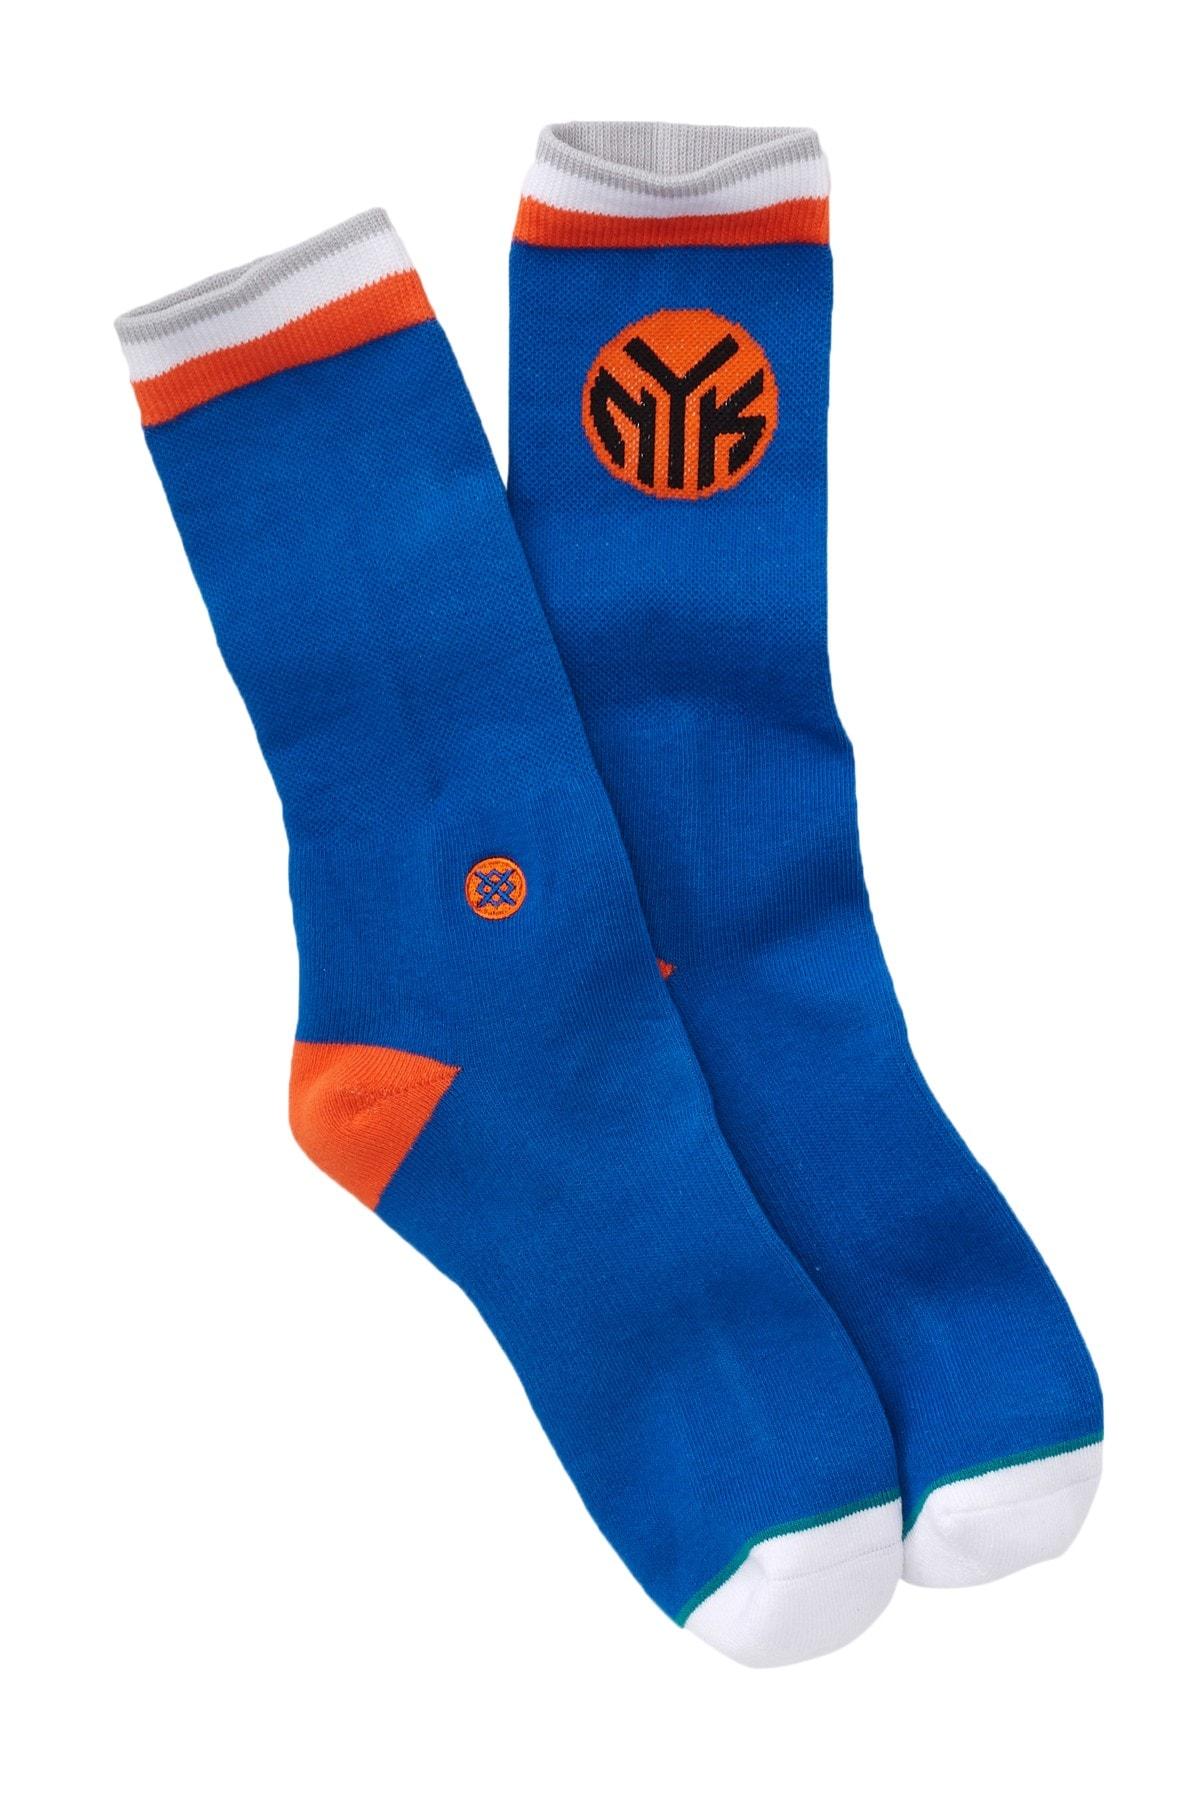 stance socks knicks nyk